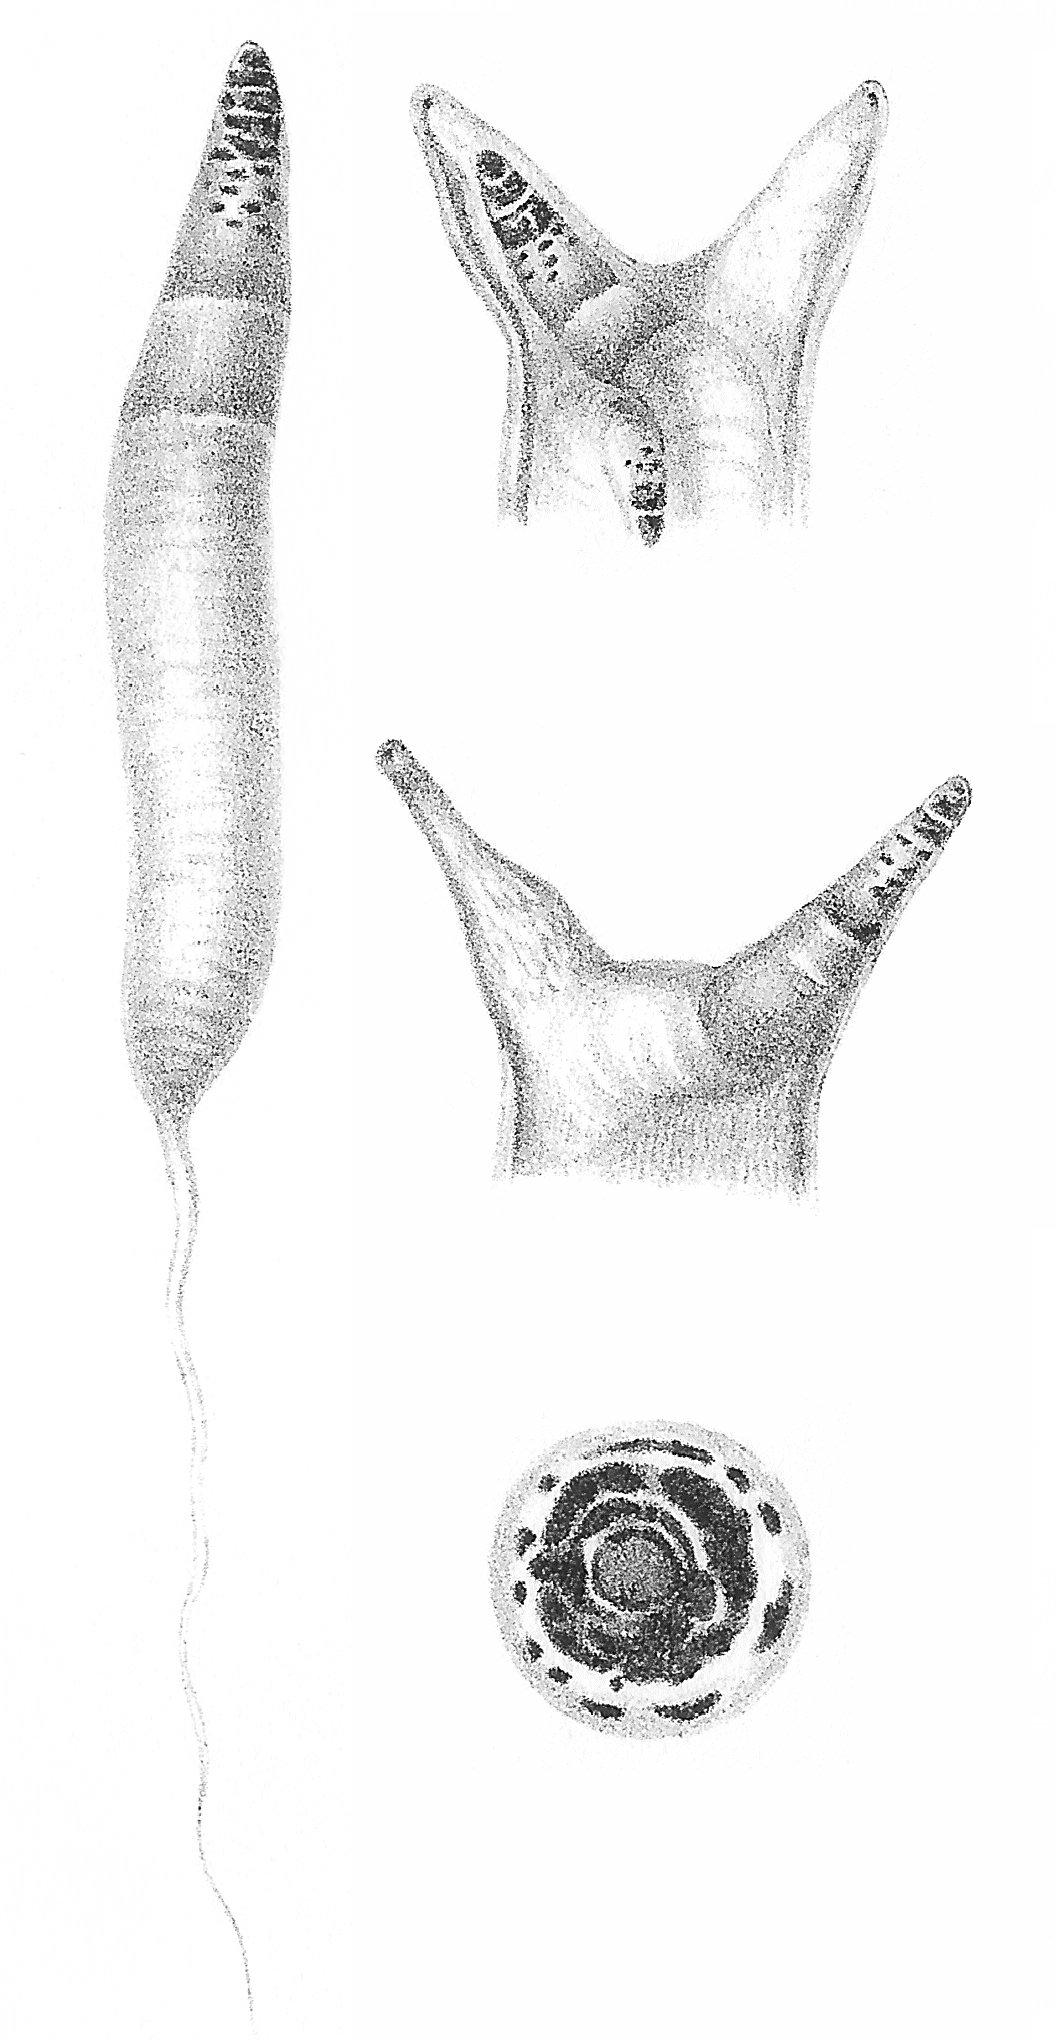 forme larvare de platyhelminthes